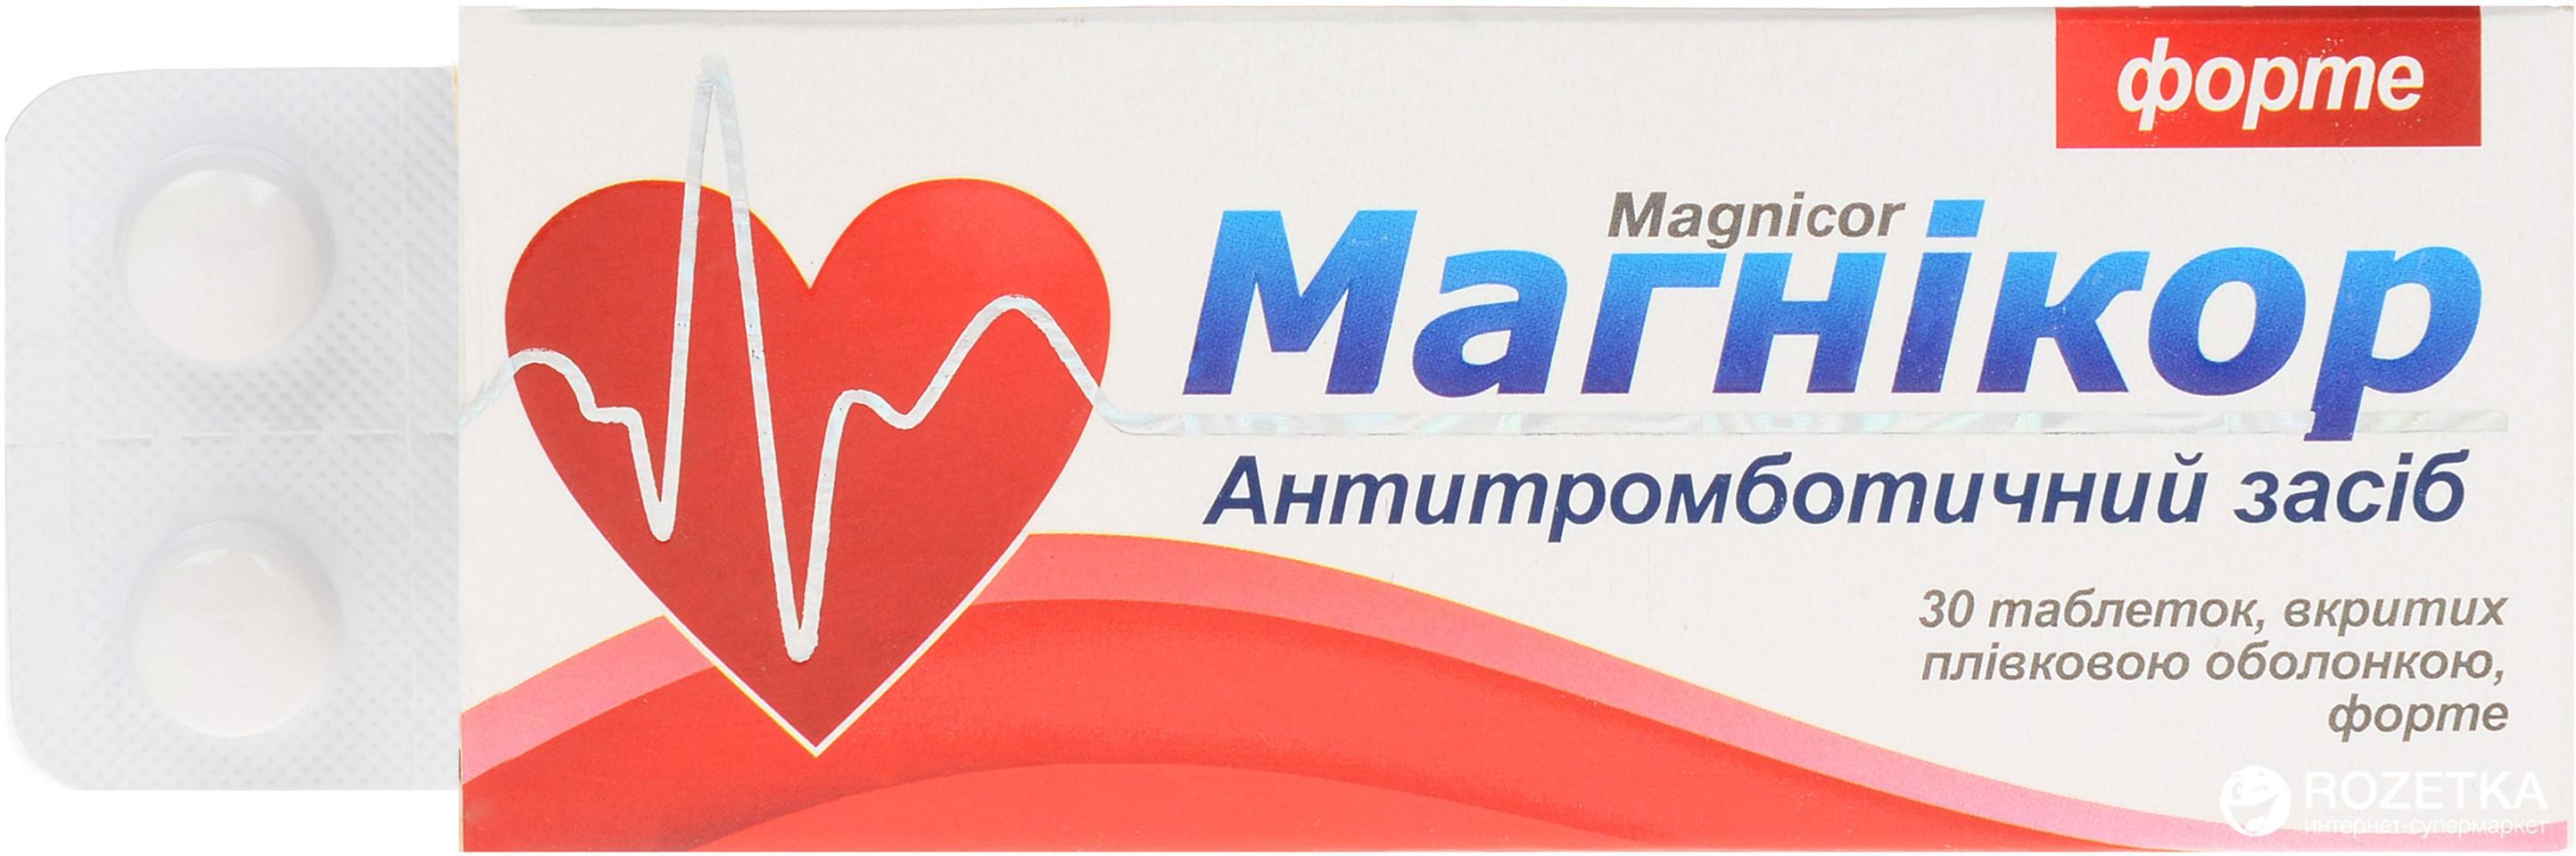 magas vérnyomásból Evalar a legjobb gyógyszer 2 fokos magas vérnyomás ellen